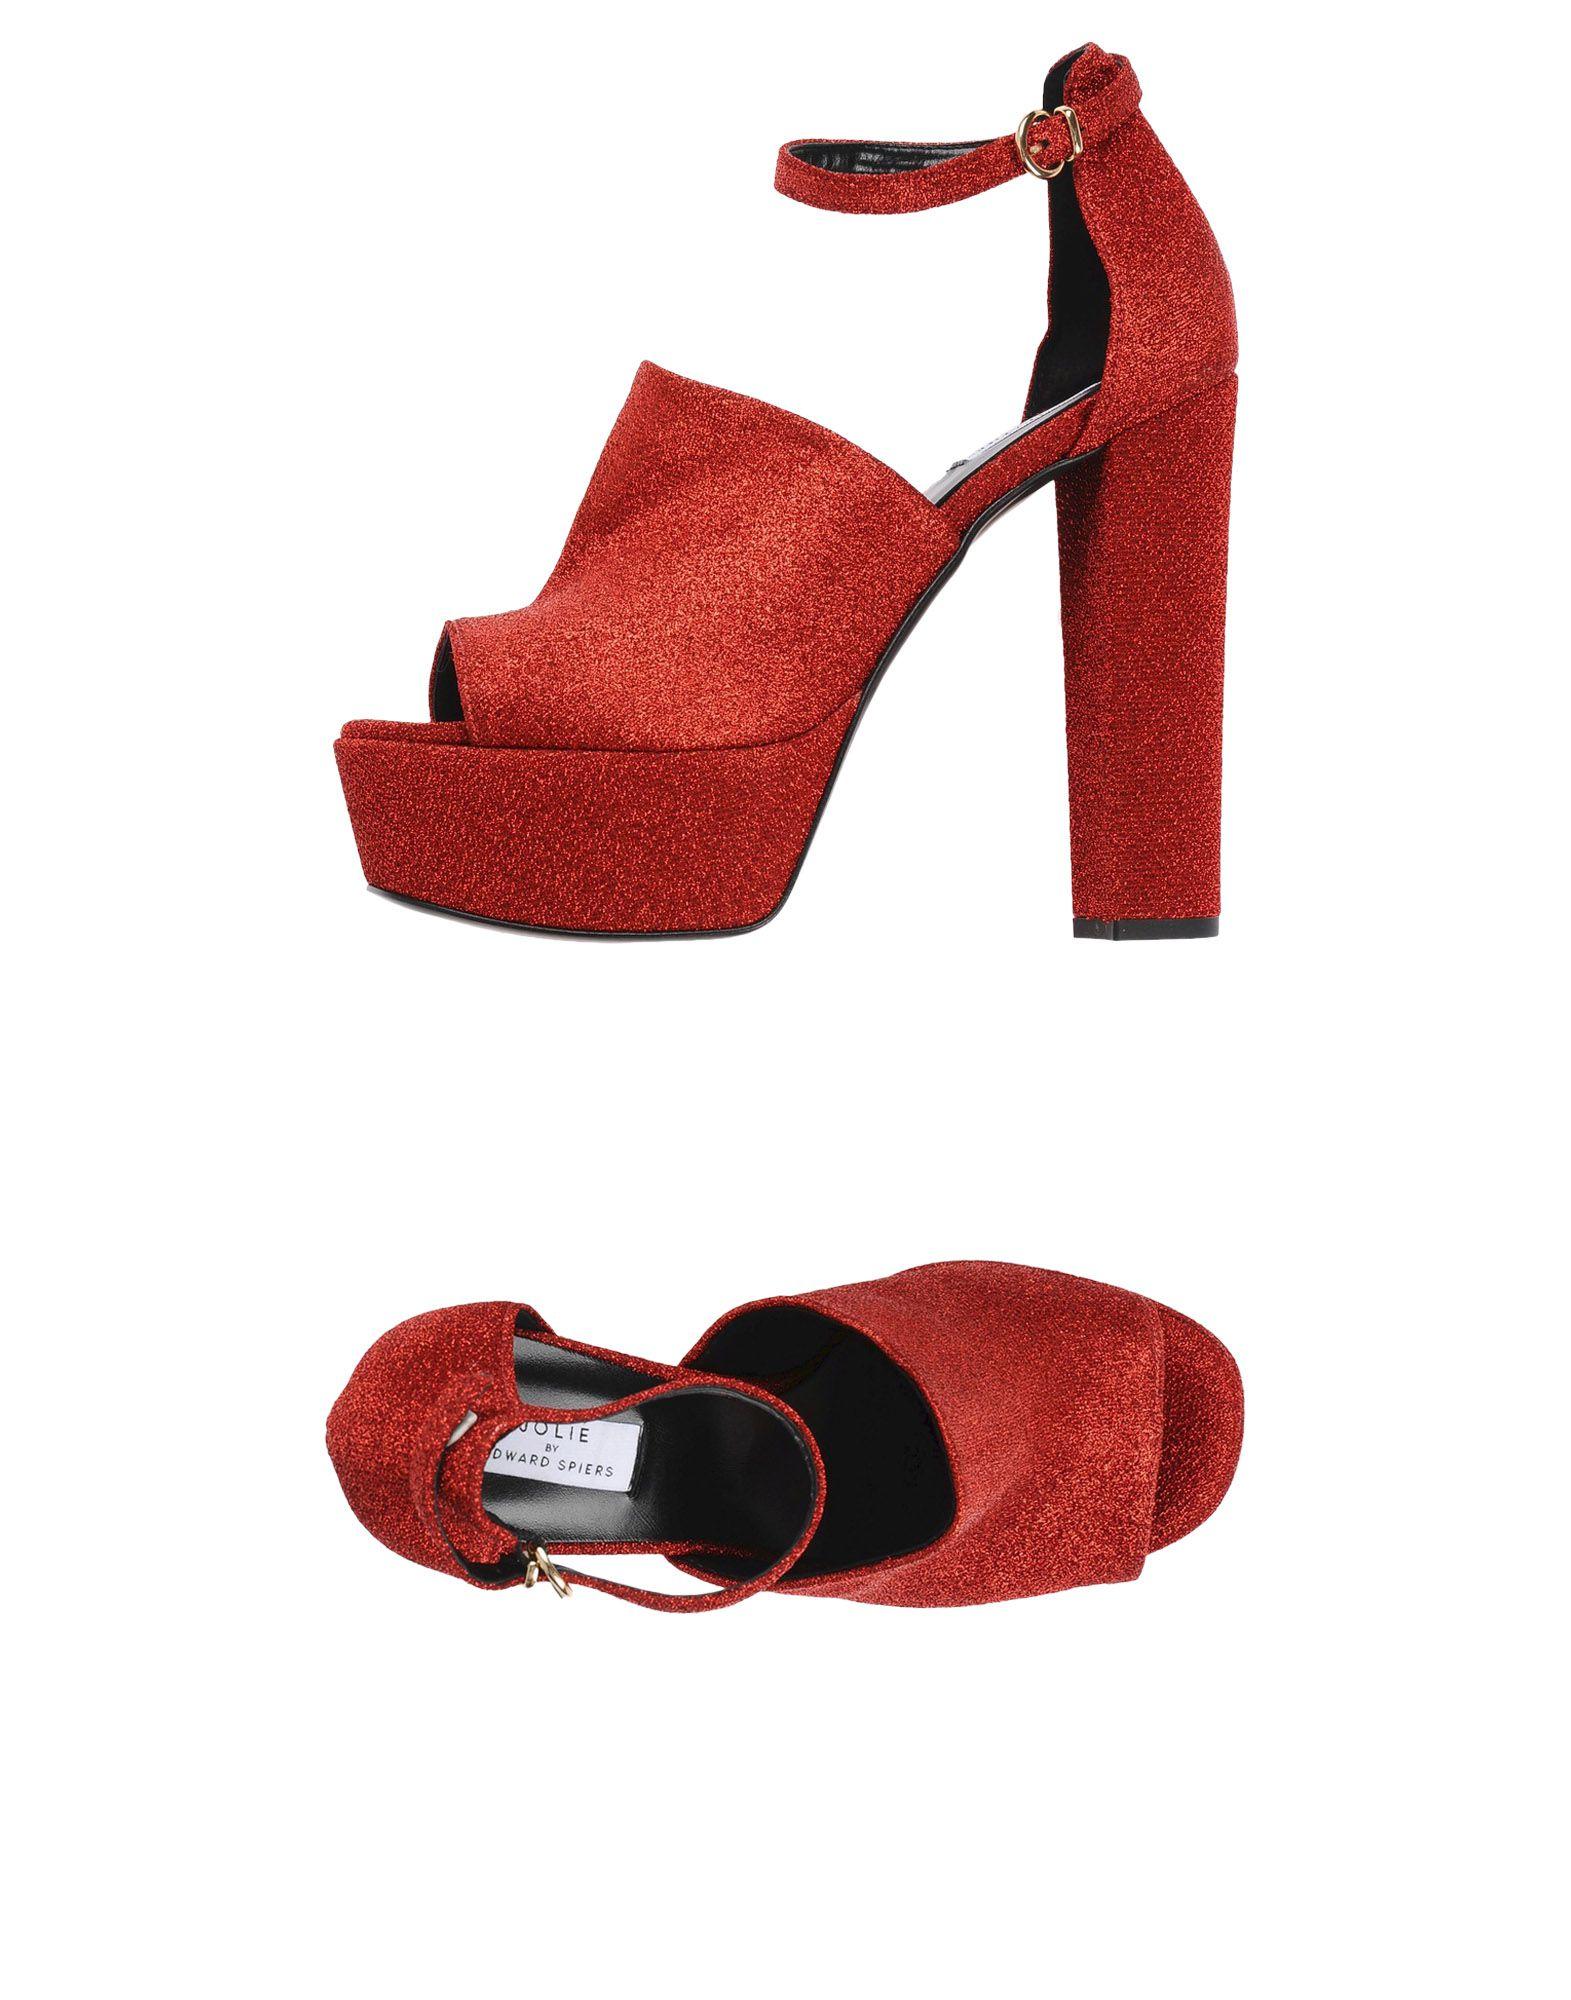 Jolie By Edward Spiers Sandalen Sandalen Sandalen Damen  11452920UK Heiße Schuhe ebc0b2